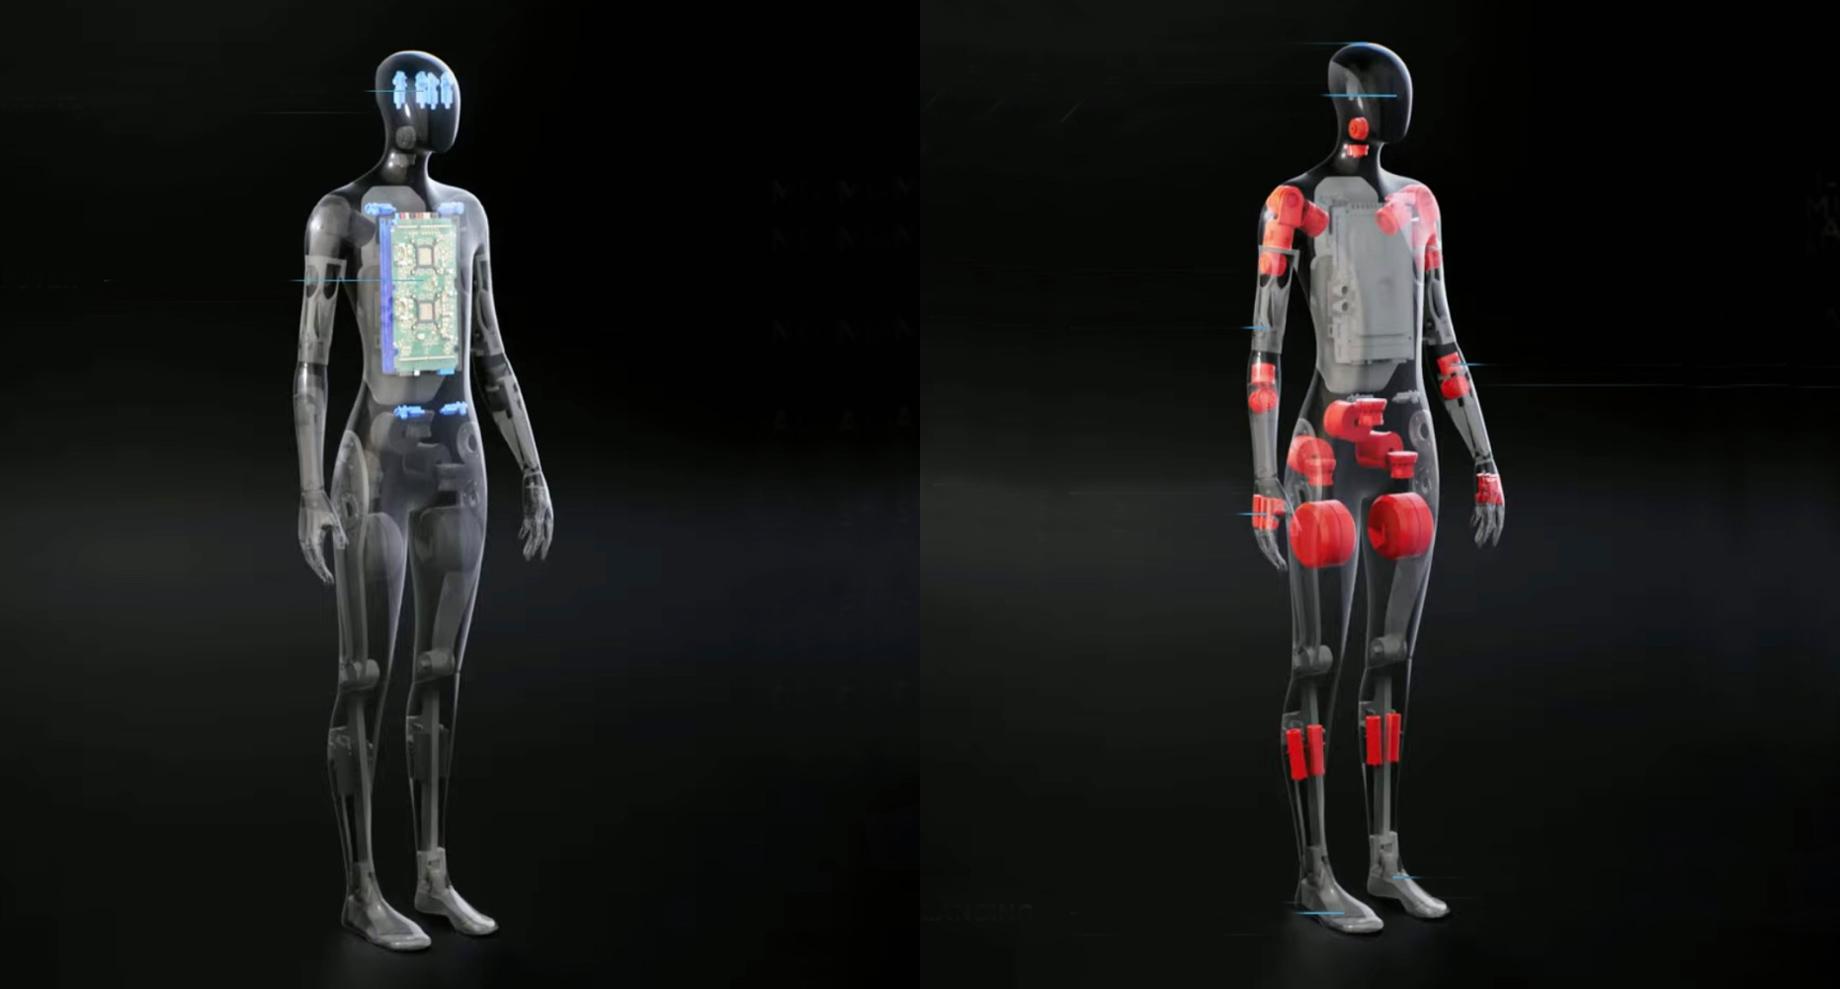 Гуманоїдний Tesla Bot розширить сферу компетенції компанії